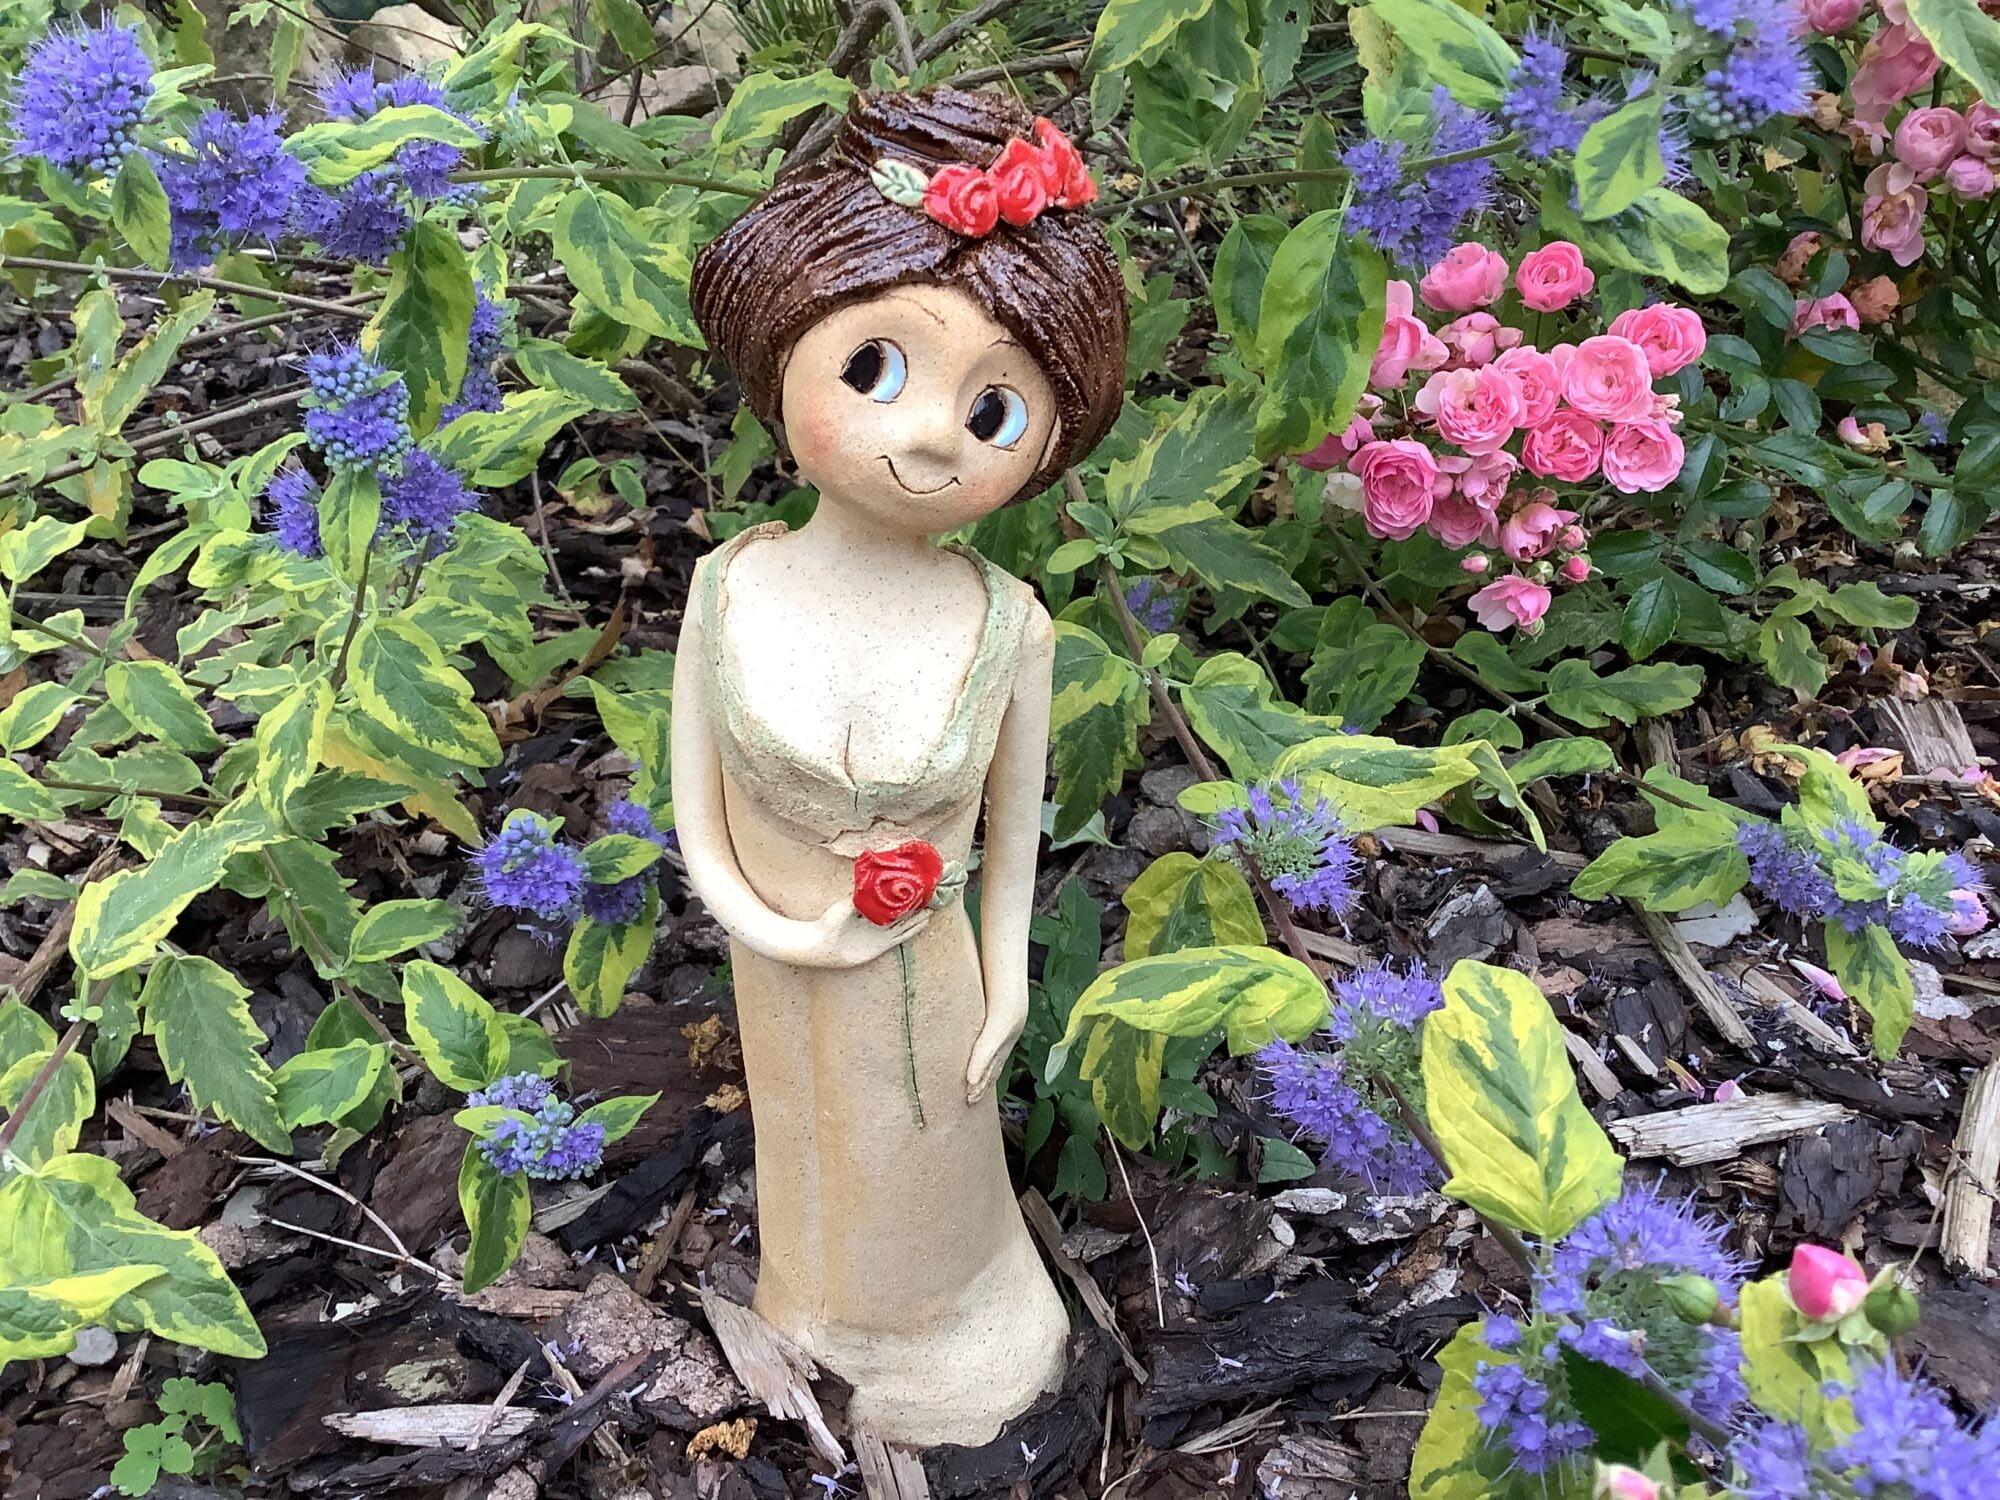 růže růženka květ socha figura Keramická víla